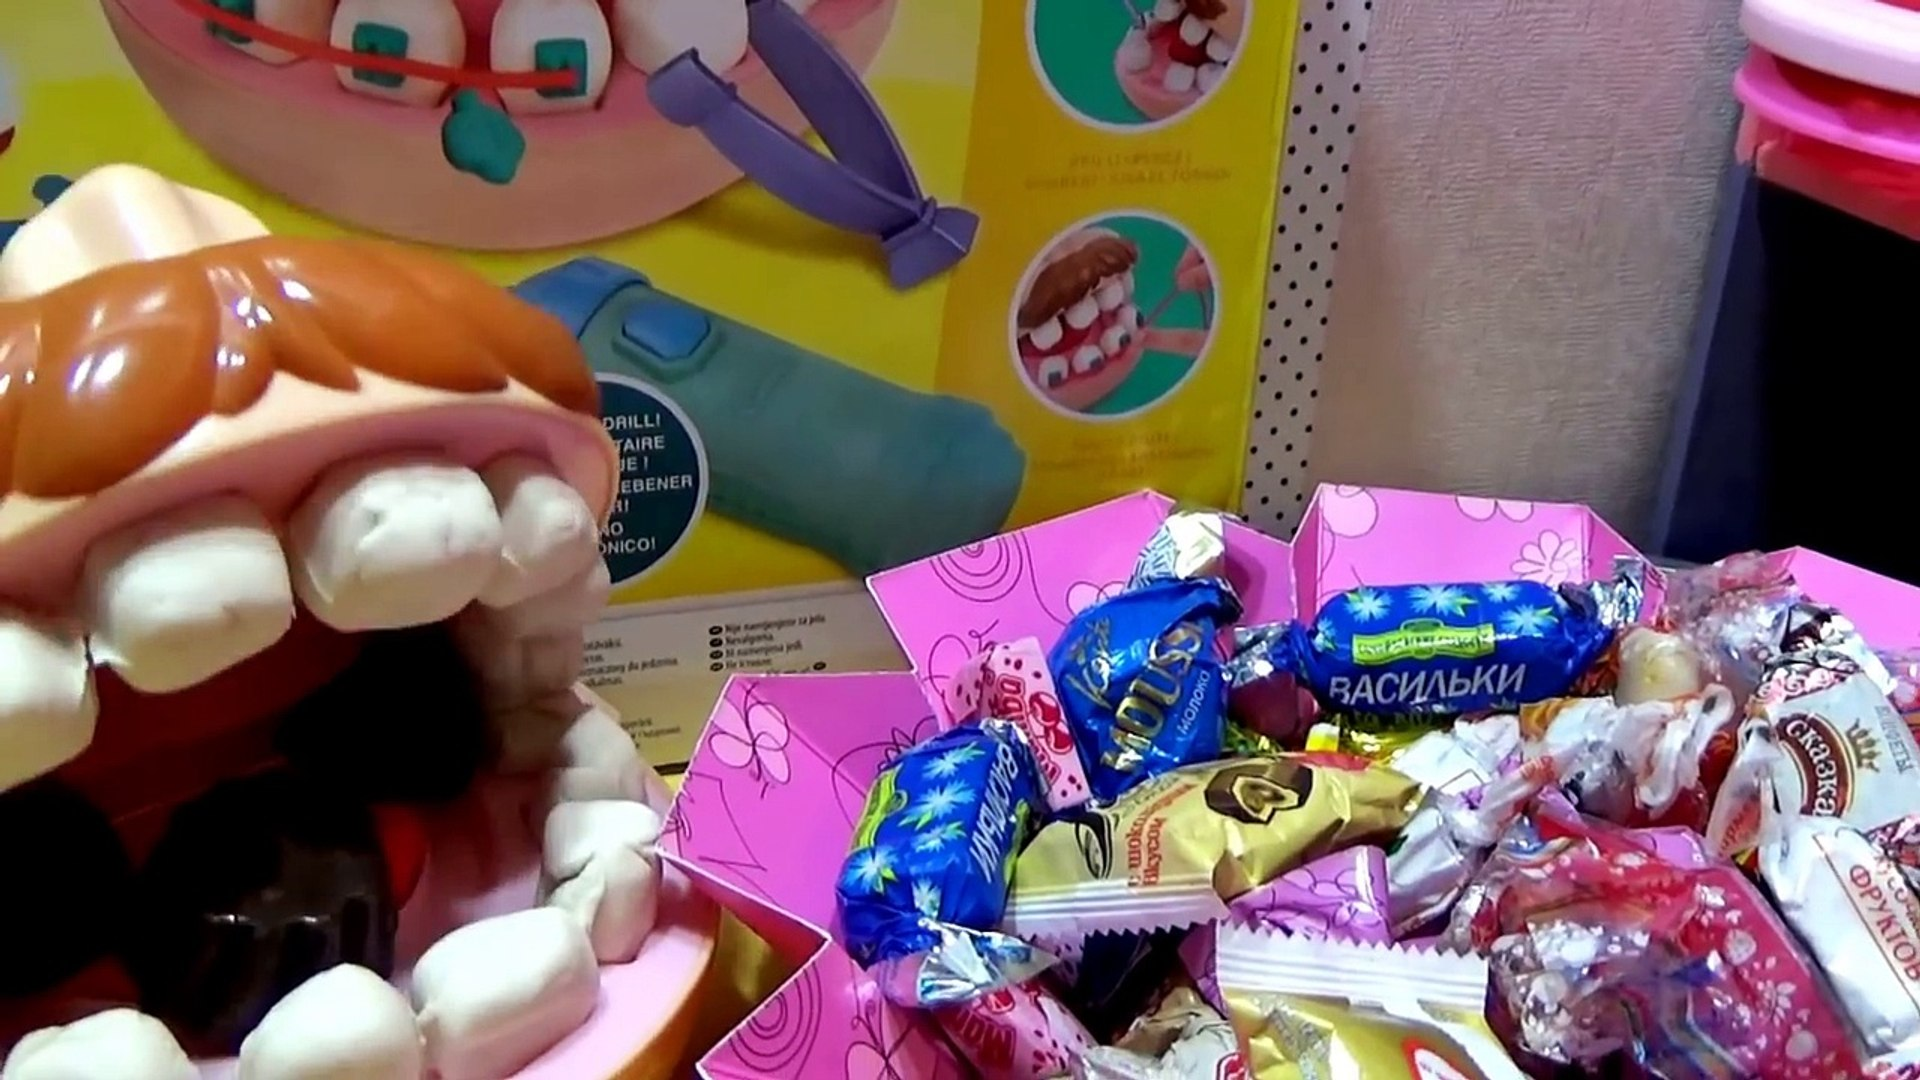 Мультик про кукол. Макс и Катя. Сладкая жизнь/Cartoon about dolls. Max and Katya. Sweet life.